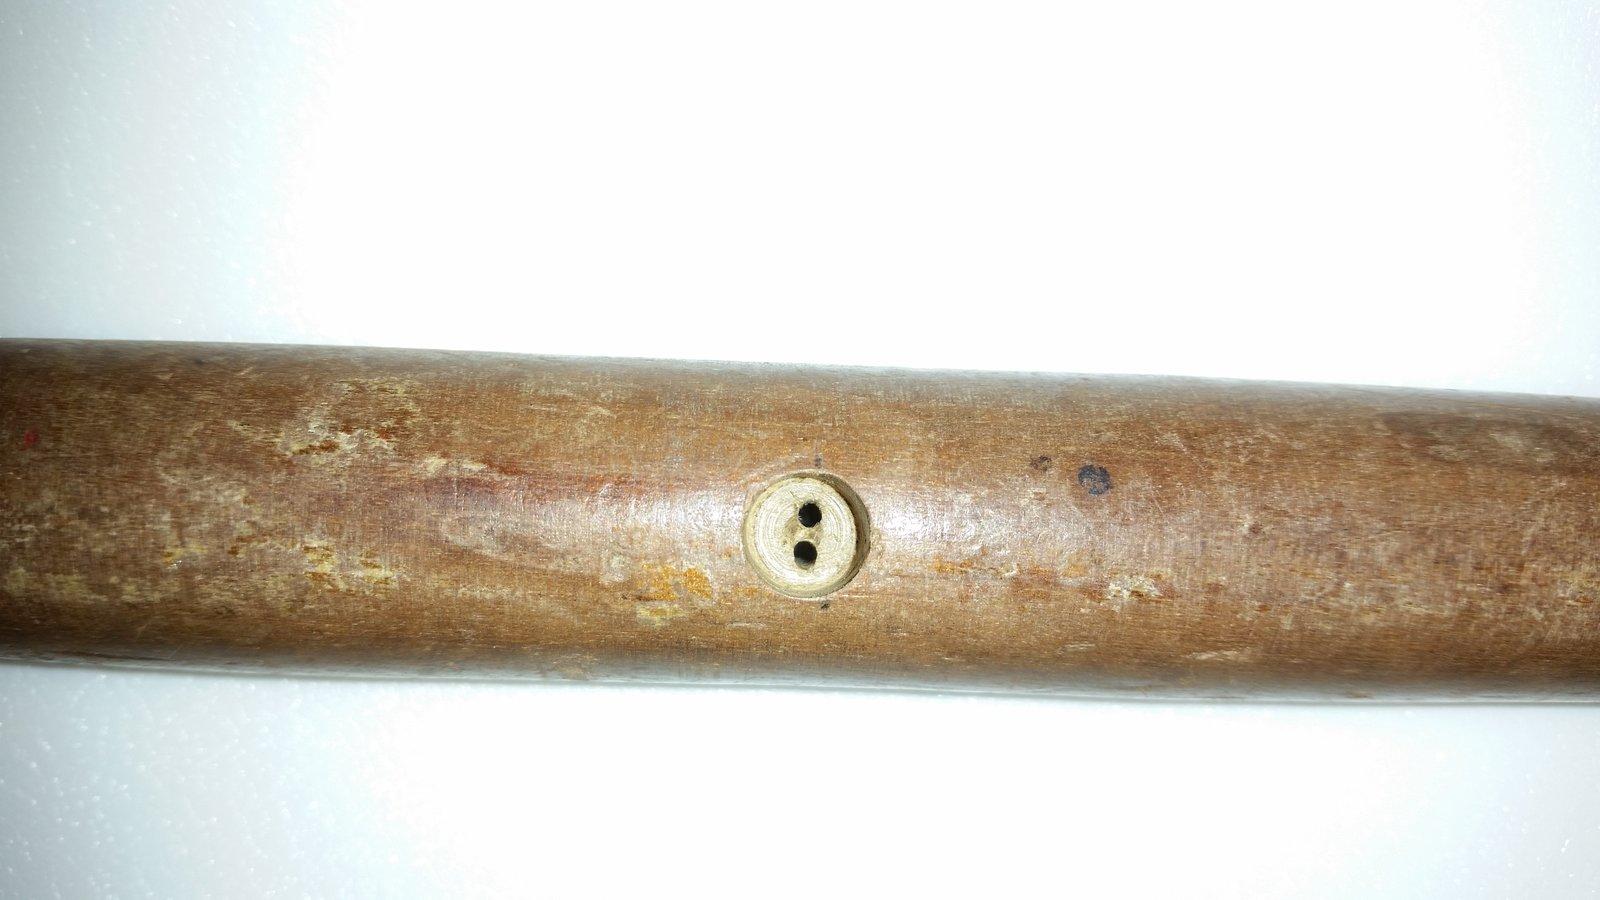 Custom Pull Pin From Repurposed Material 3 of 4